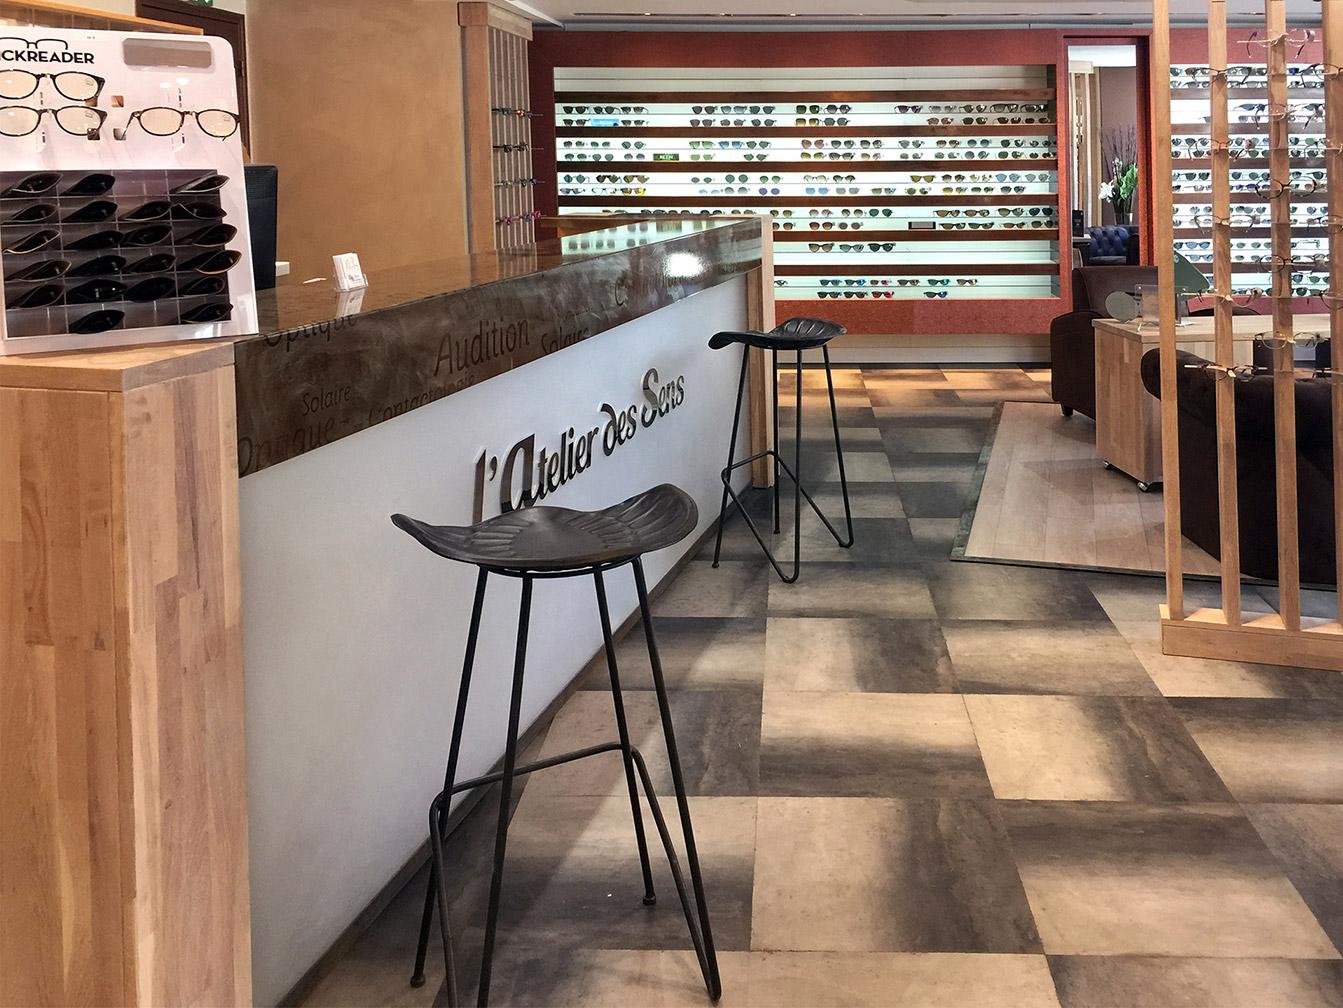 Boutique Opticien : banque d'accueil